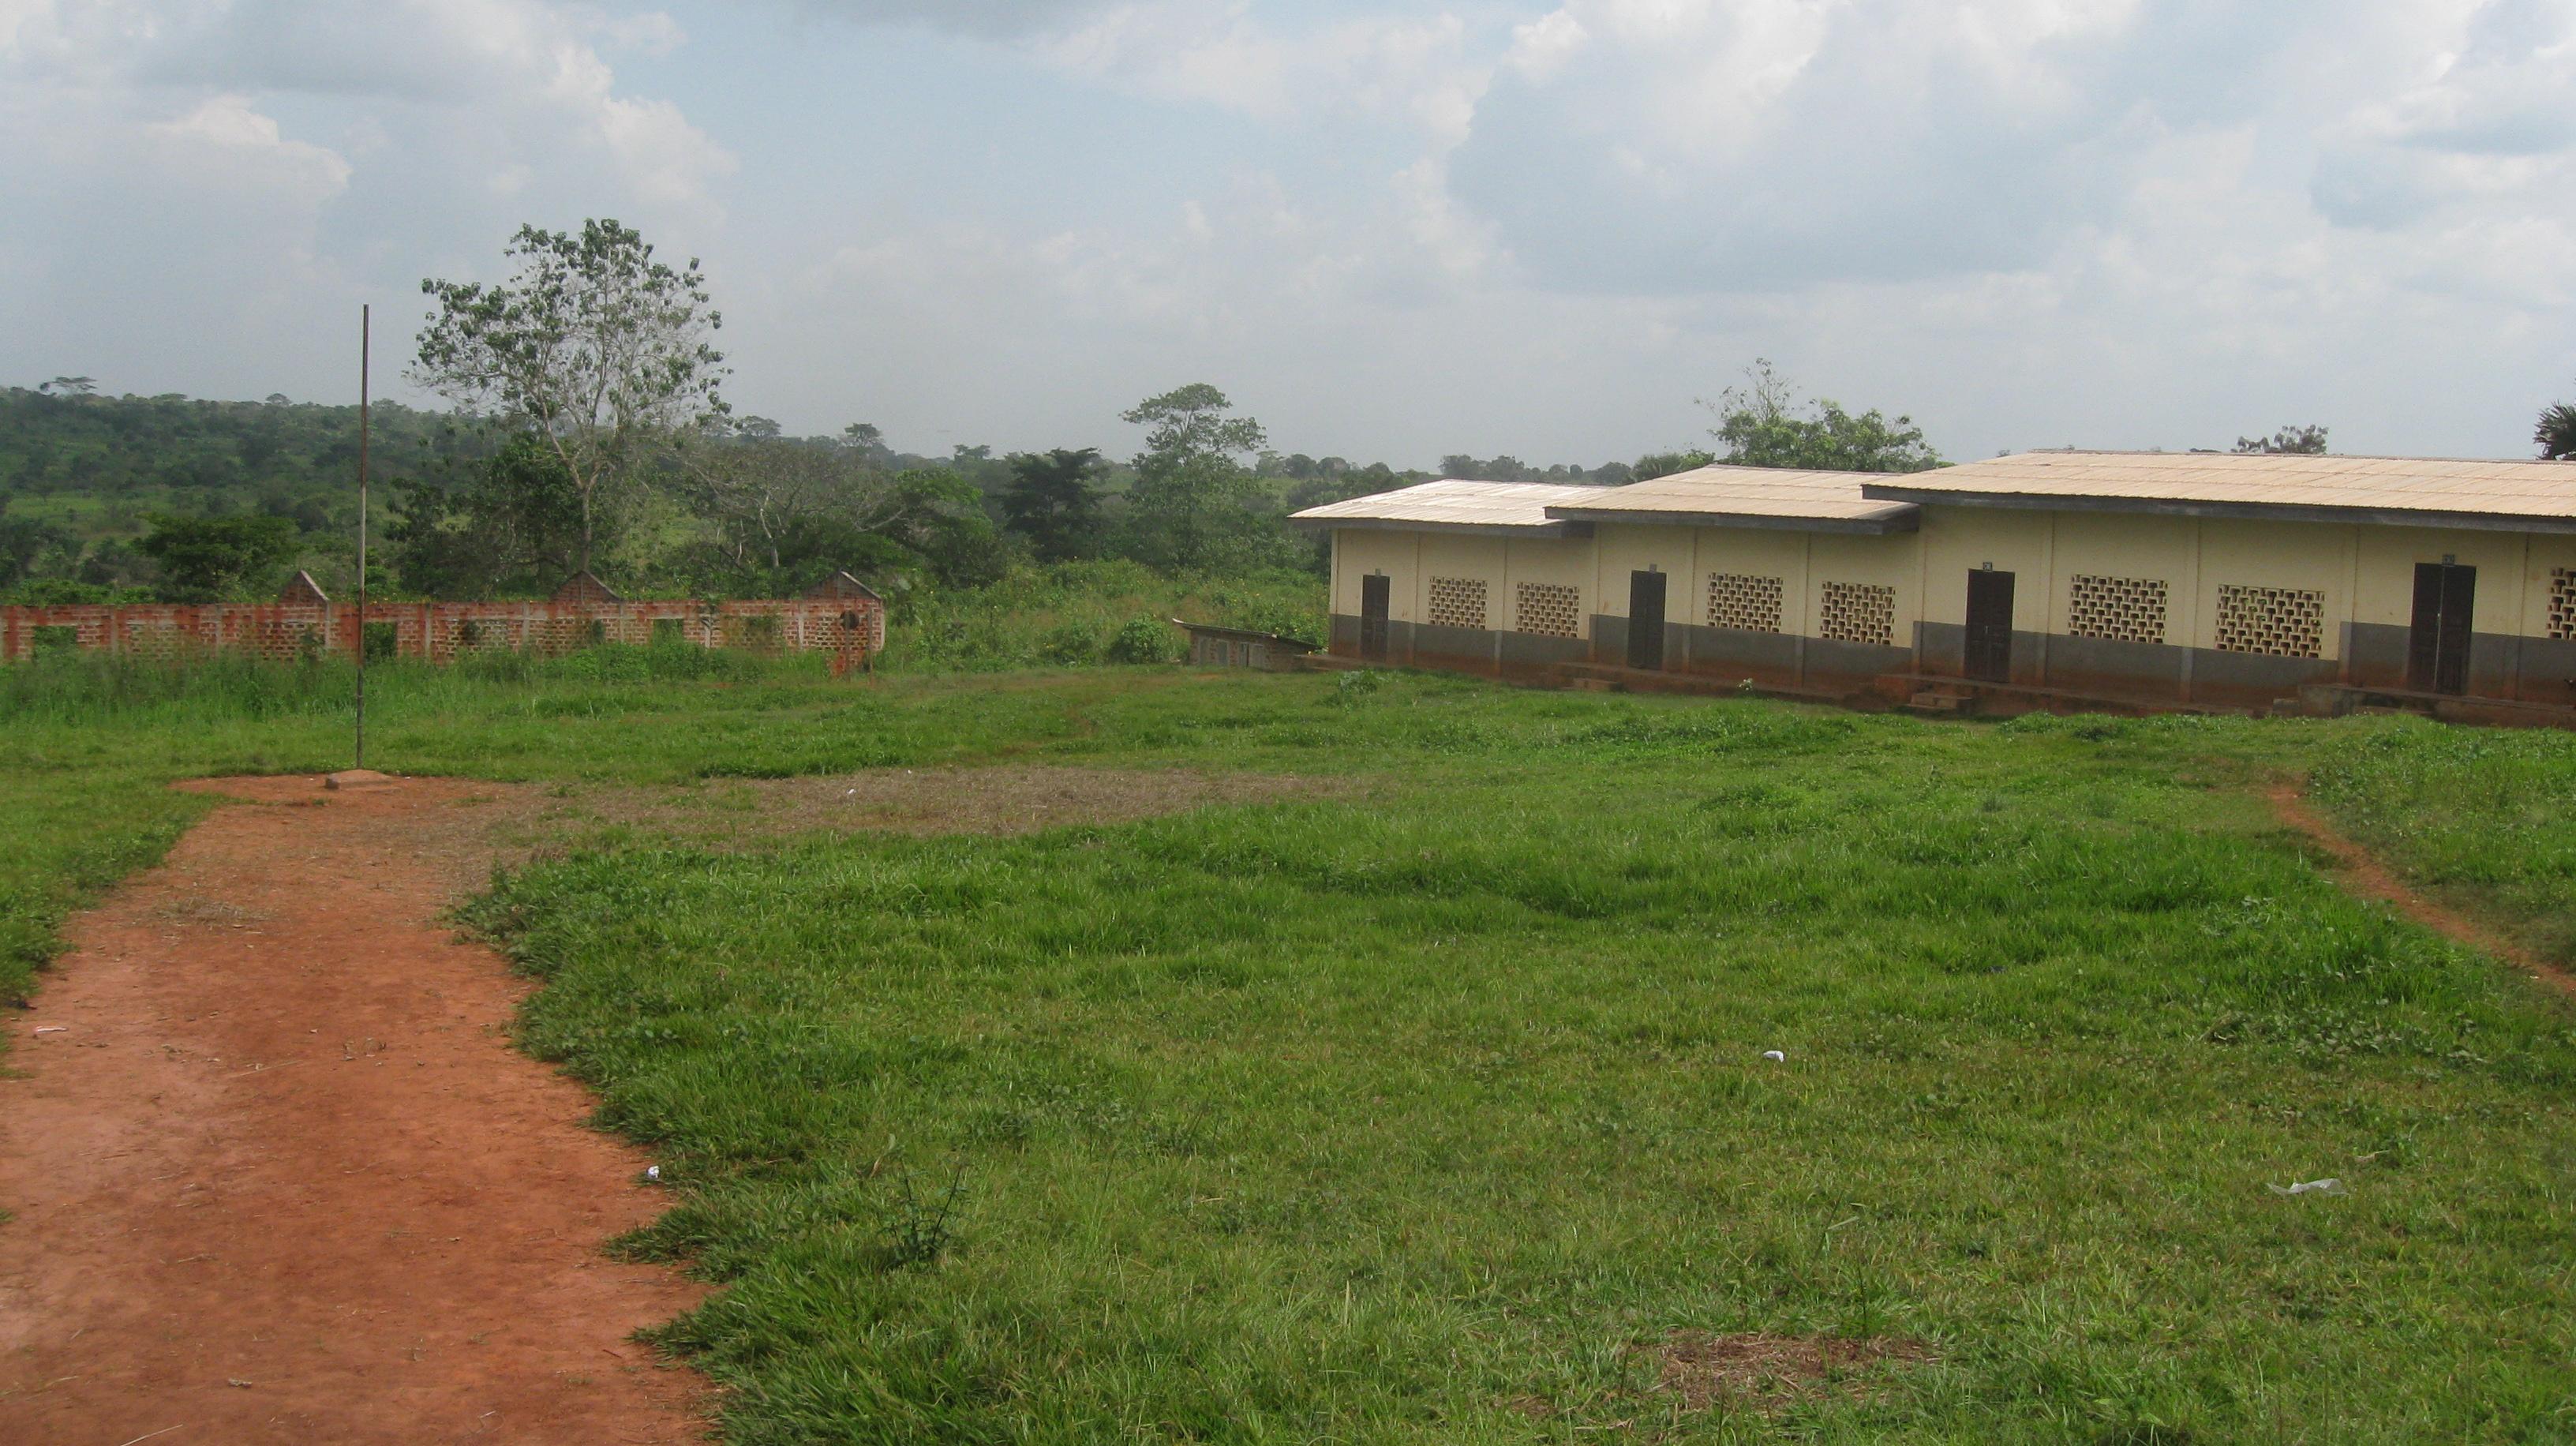 sullo sfondo le tre aule in costruzione, vanno a completare la struttura che sarà composta di n. 8 aule